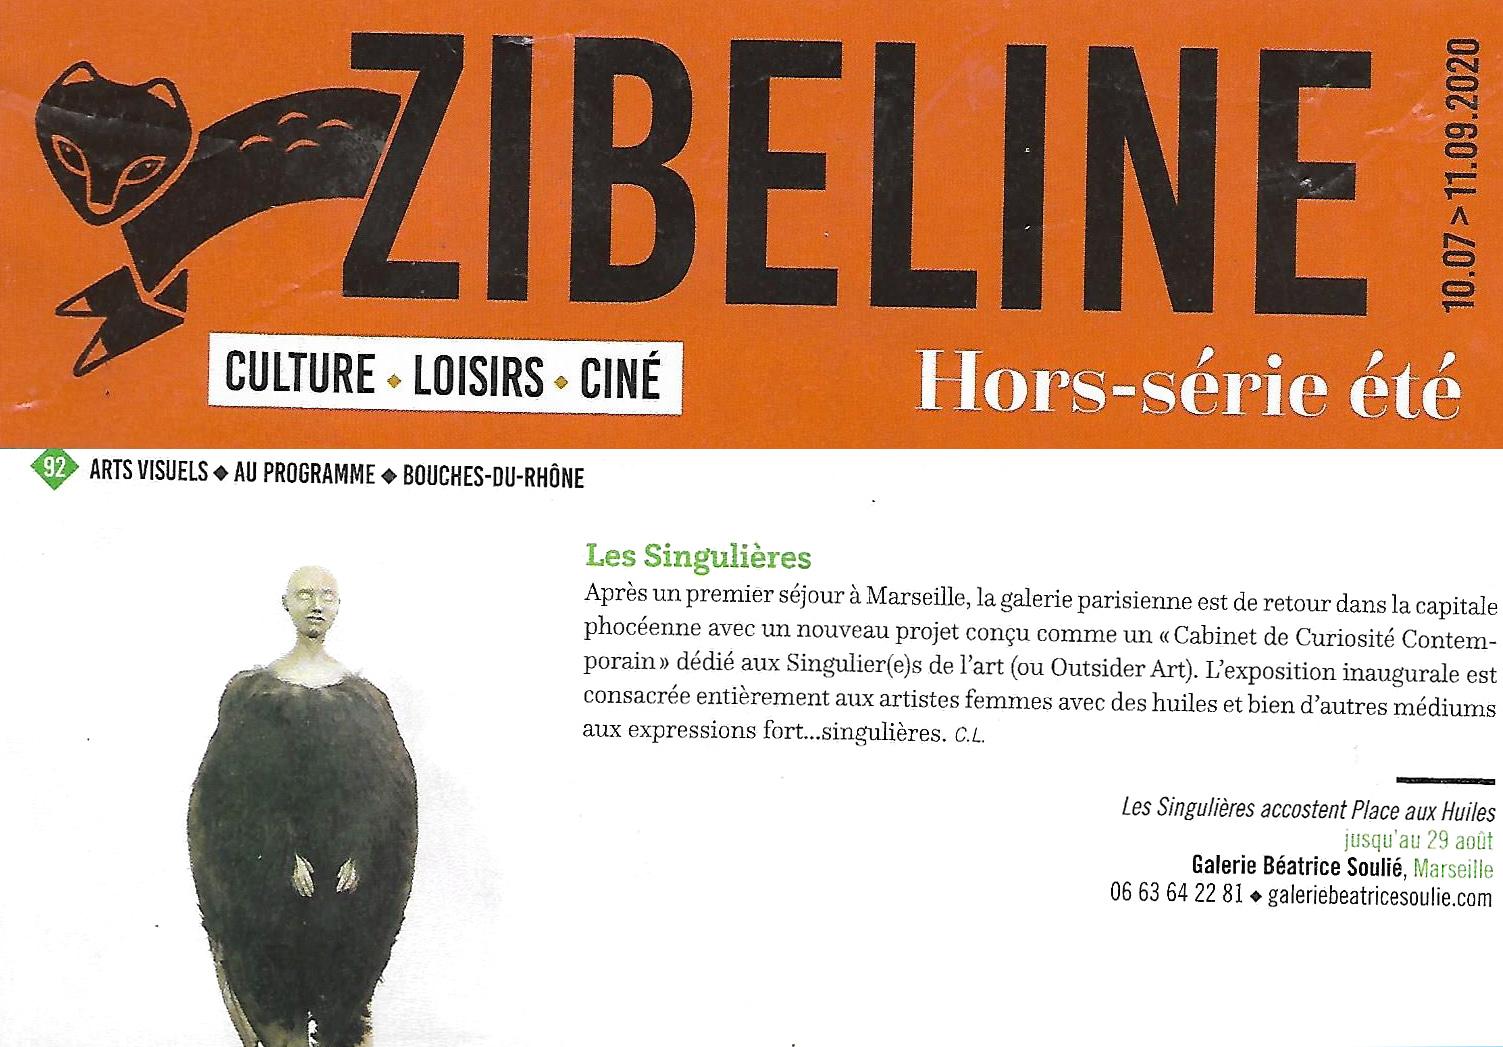 Zibeline